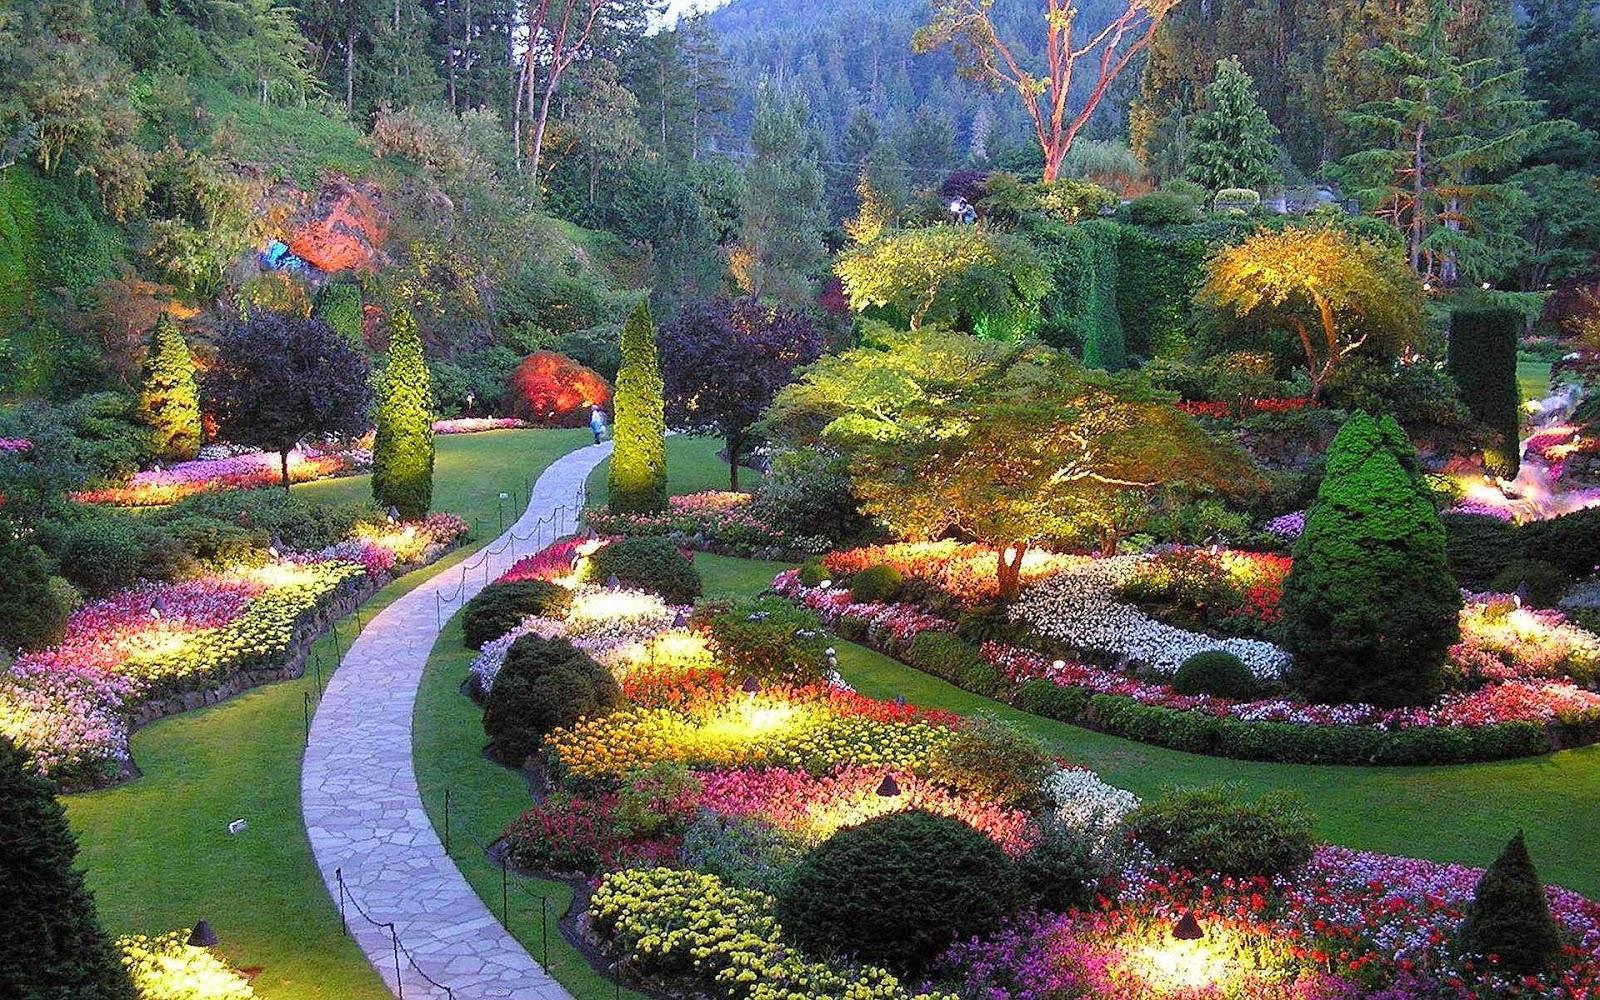 imagens jardins lindos:OS JARDINS DE BUTCHART – UM DOS JARDINS MAIS LINDOS DO MUNDO